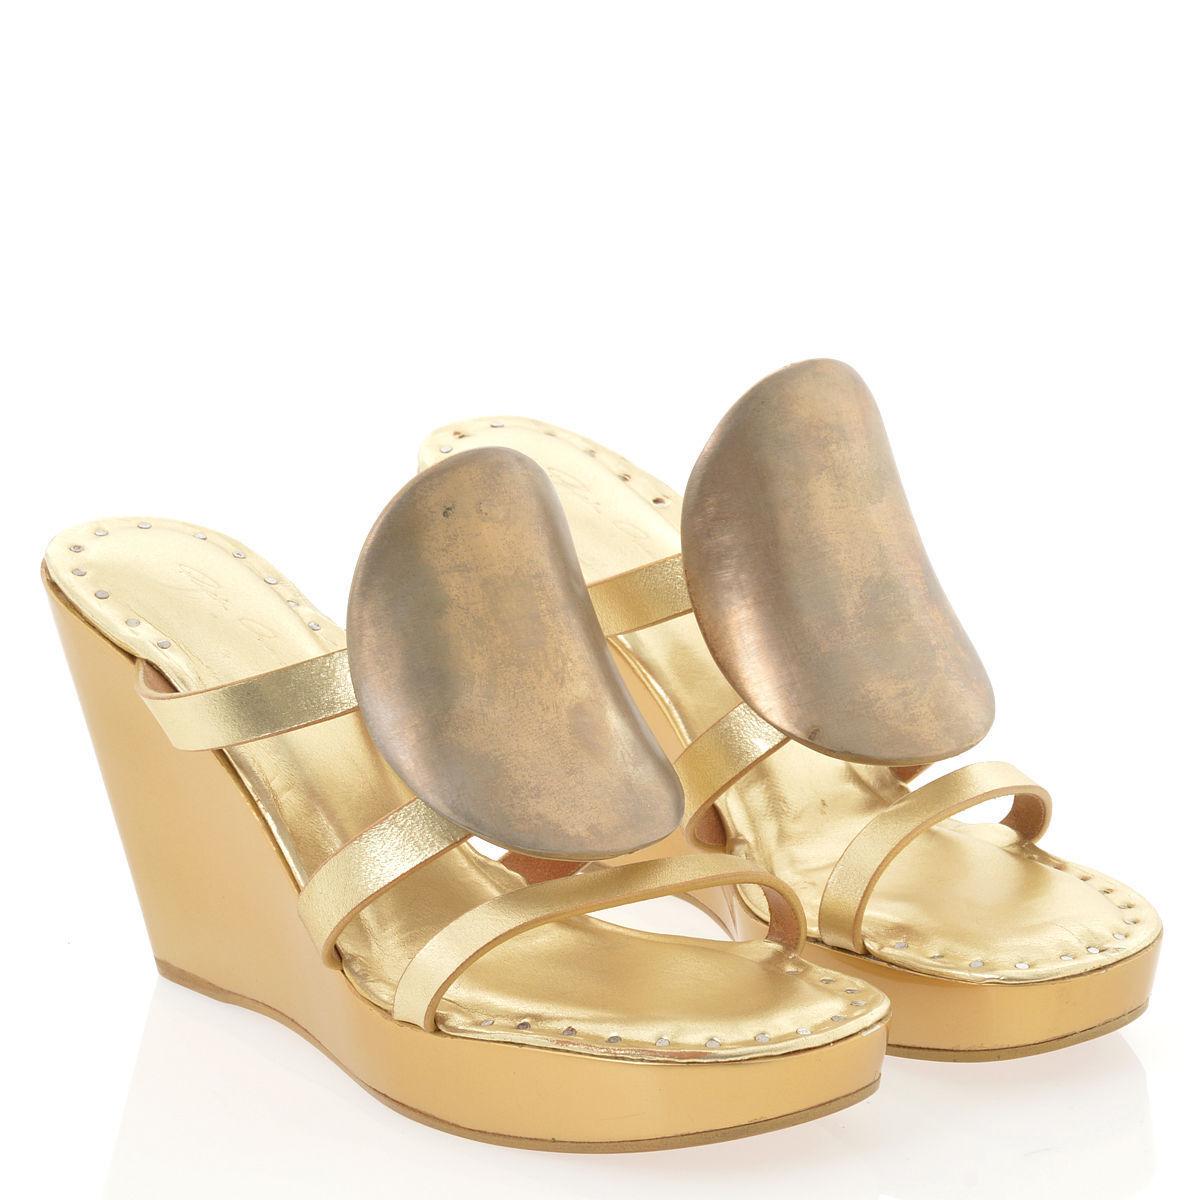 Zapatos de cuero nuevo disco de oro Rick Owens Zueco cuña sandalias Talle 41 \ 9.5US